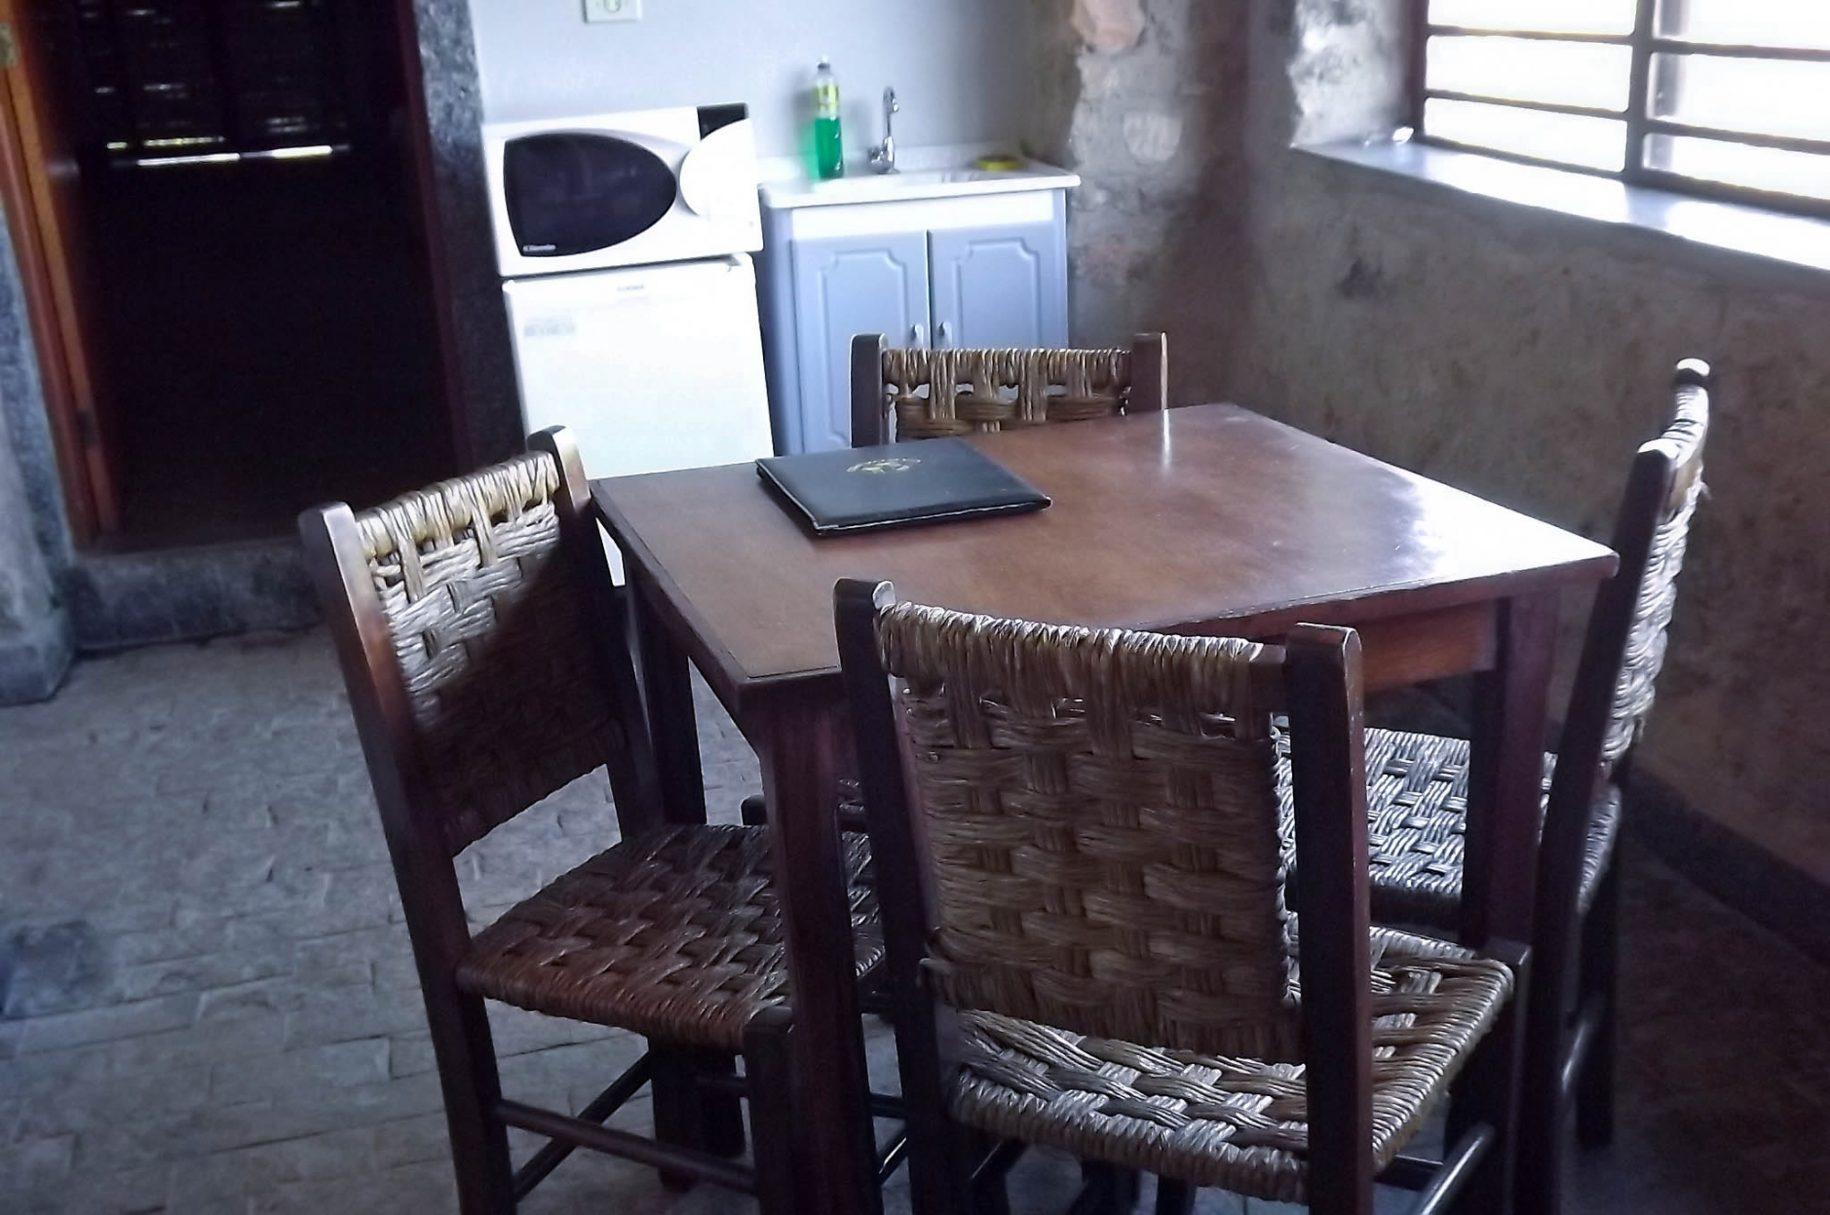 Copa da mamãe de um dos chalés do hotel fazenda parque dos sonhos com, pia privativa, microondas, frigobar, mesa com cadeiras etc